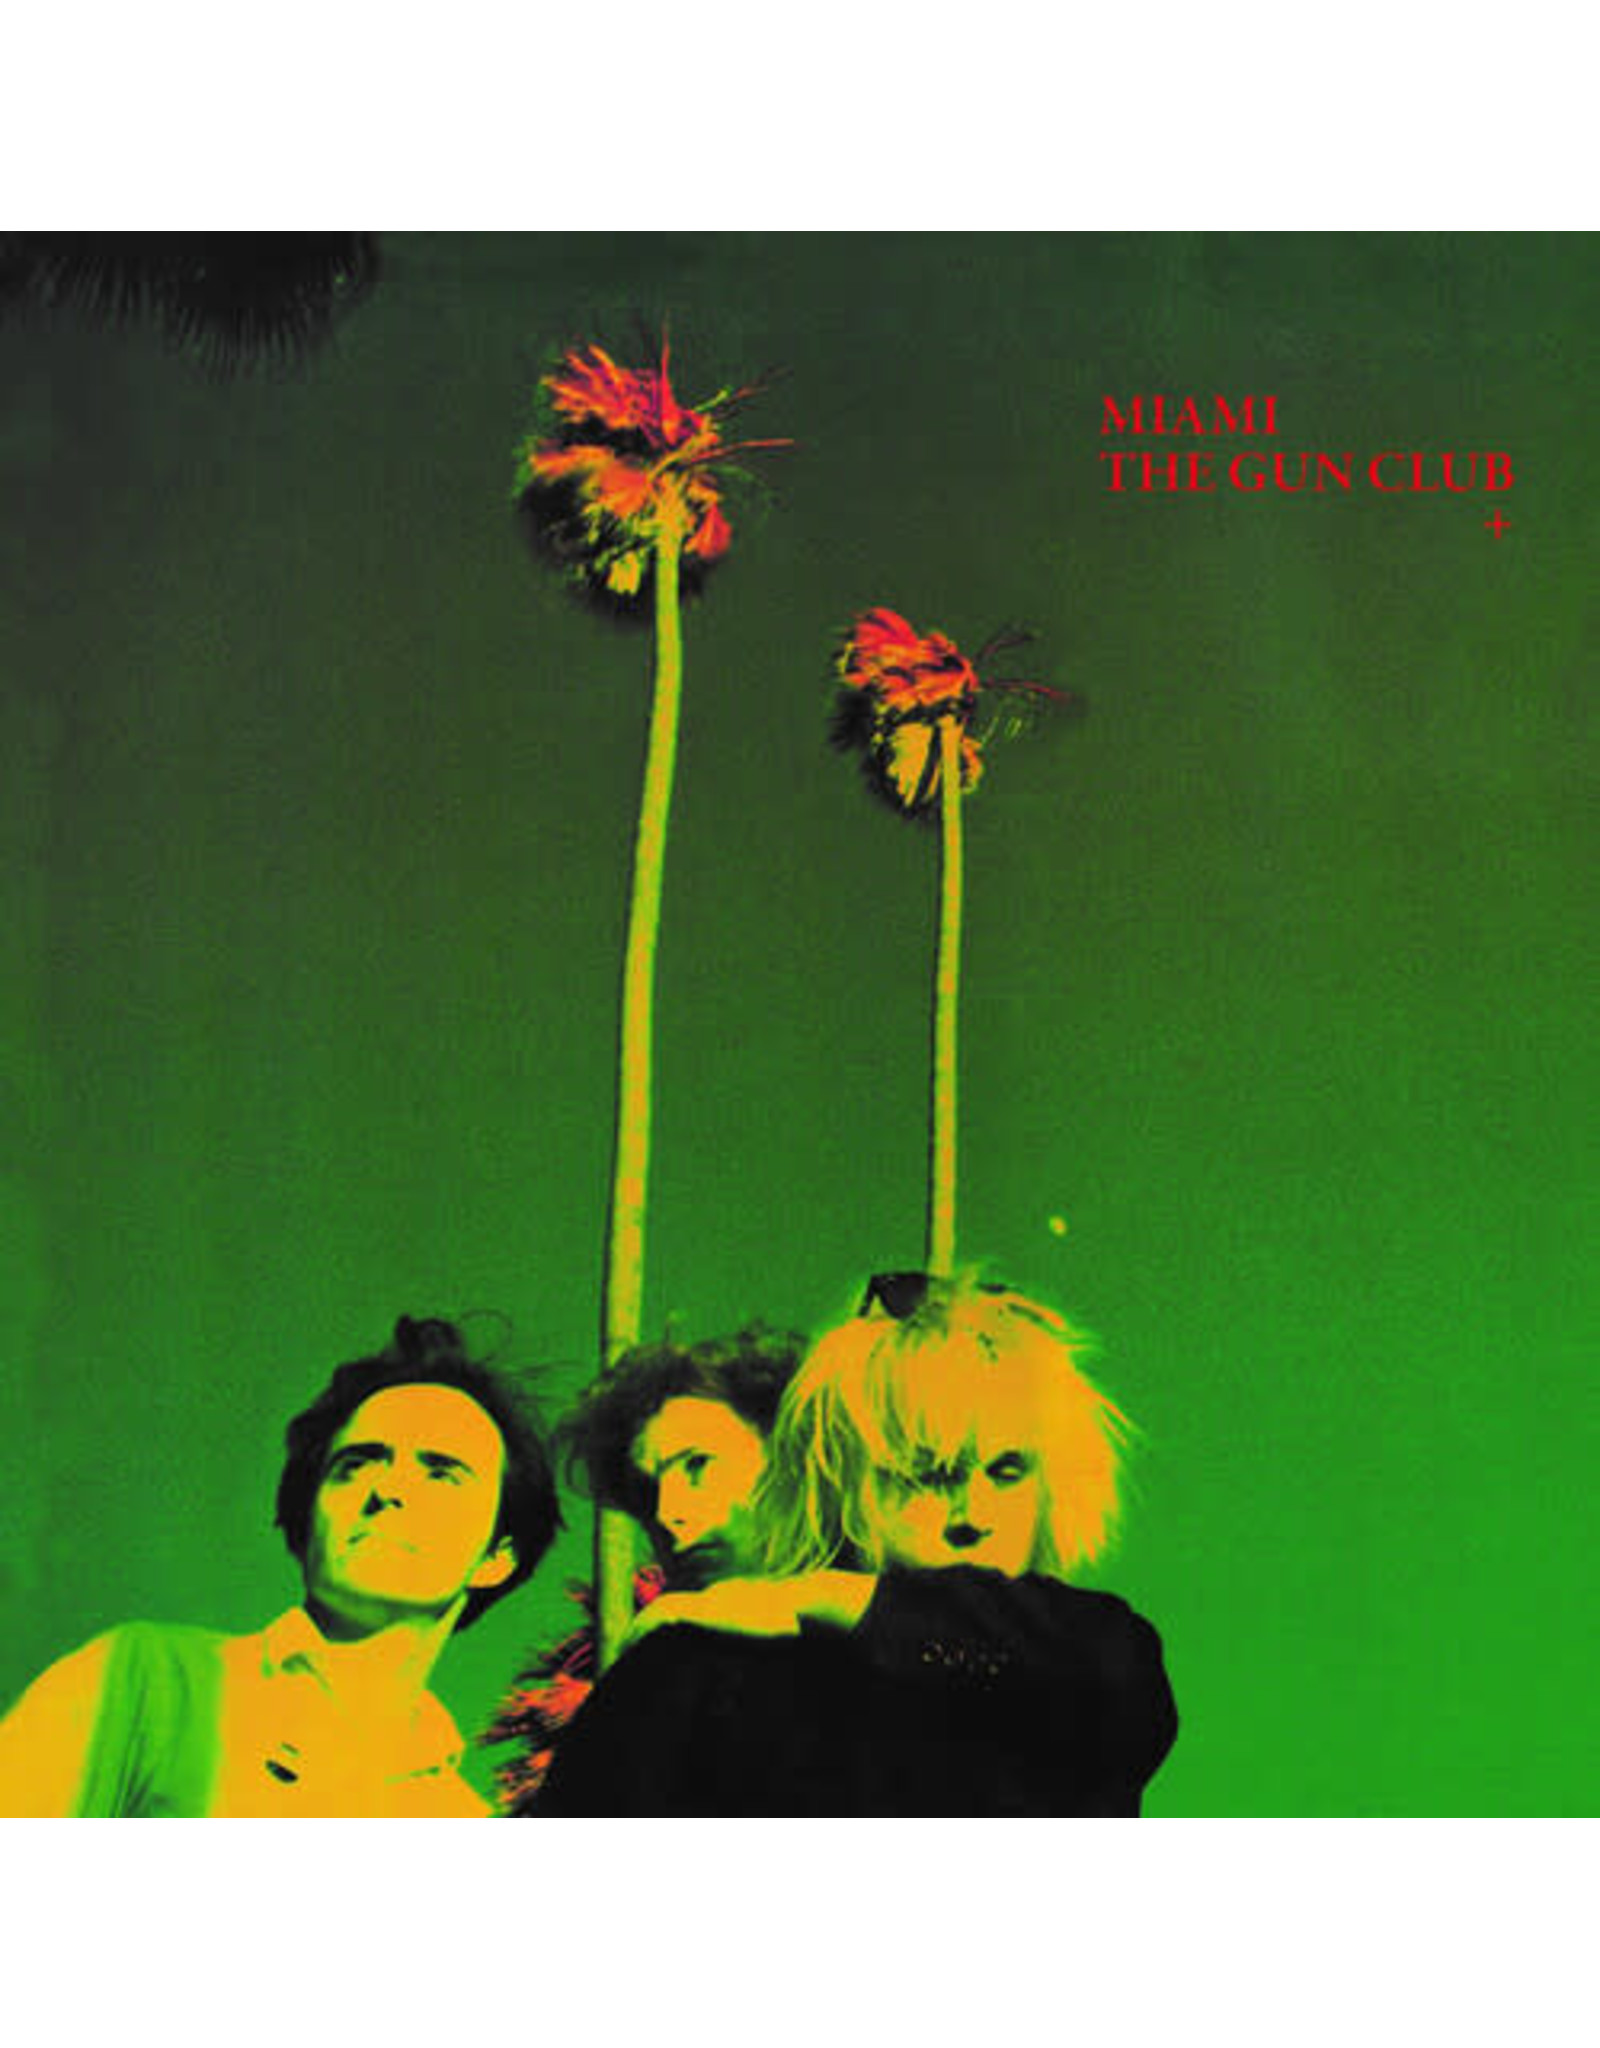 New Vinyl The Gun Club - Miami + Demos 2LP